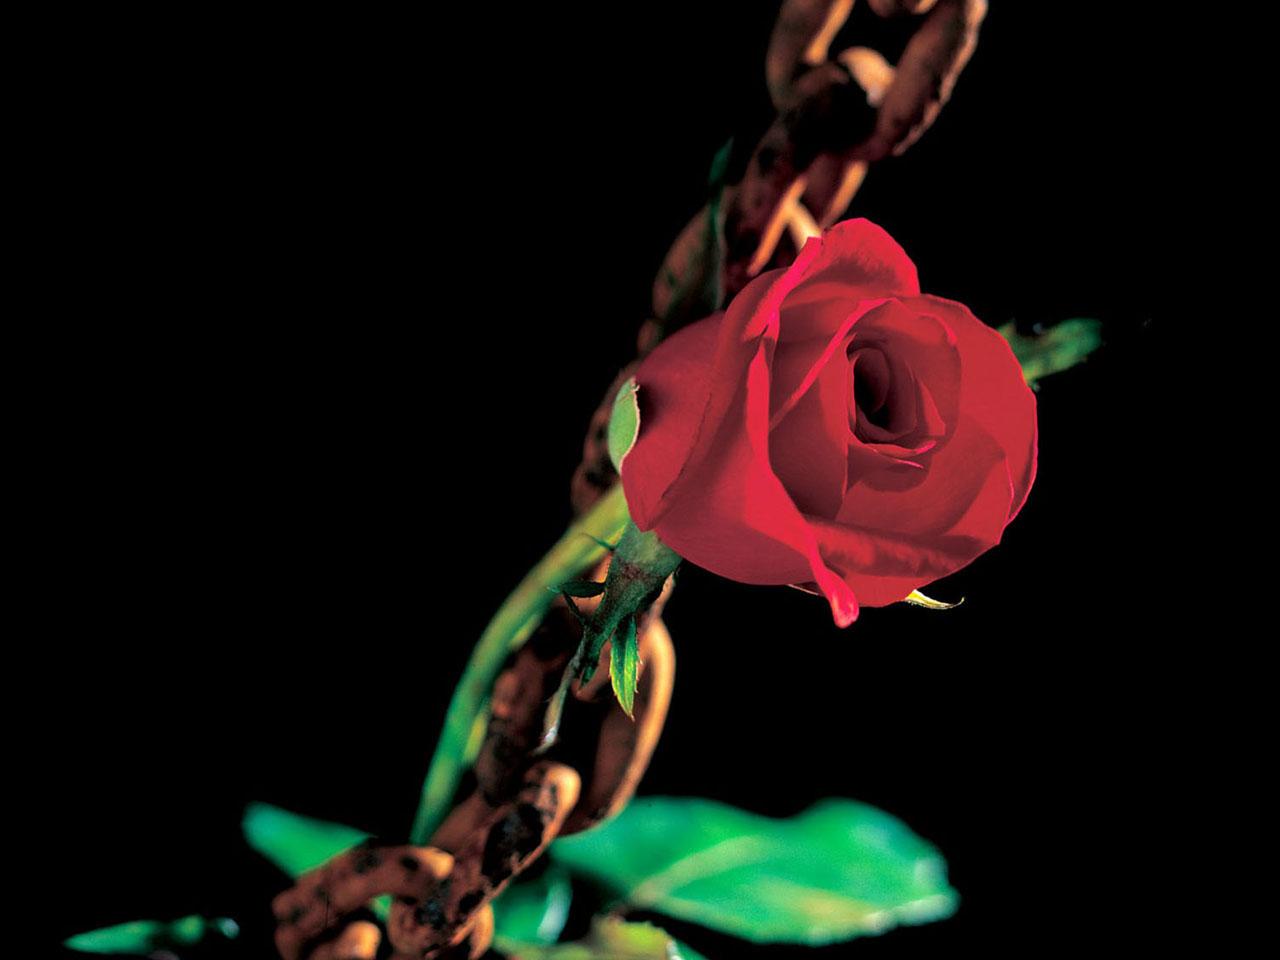 http://4.bp.blogspot.com/-Gco7yShvprM/TdXgpR-yGlI/AAAAAAAAAQI/Nzy1q2fgJJg/s1600/romantic+flowers_+%25286%2529.jpg